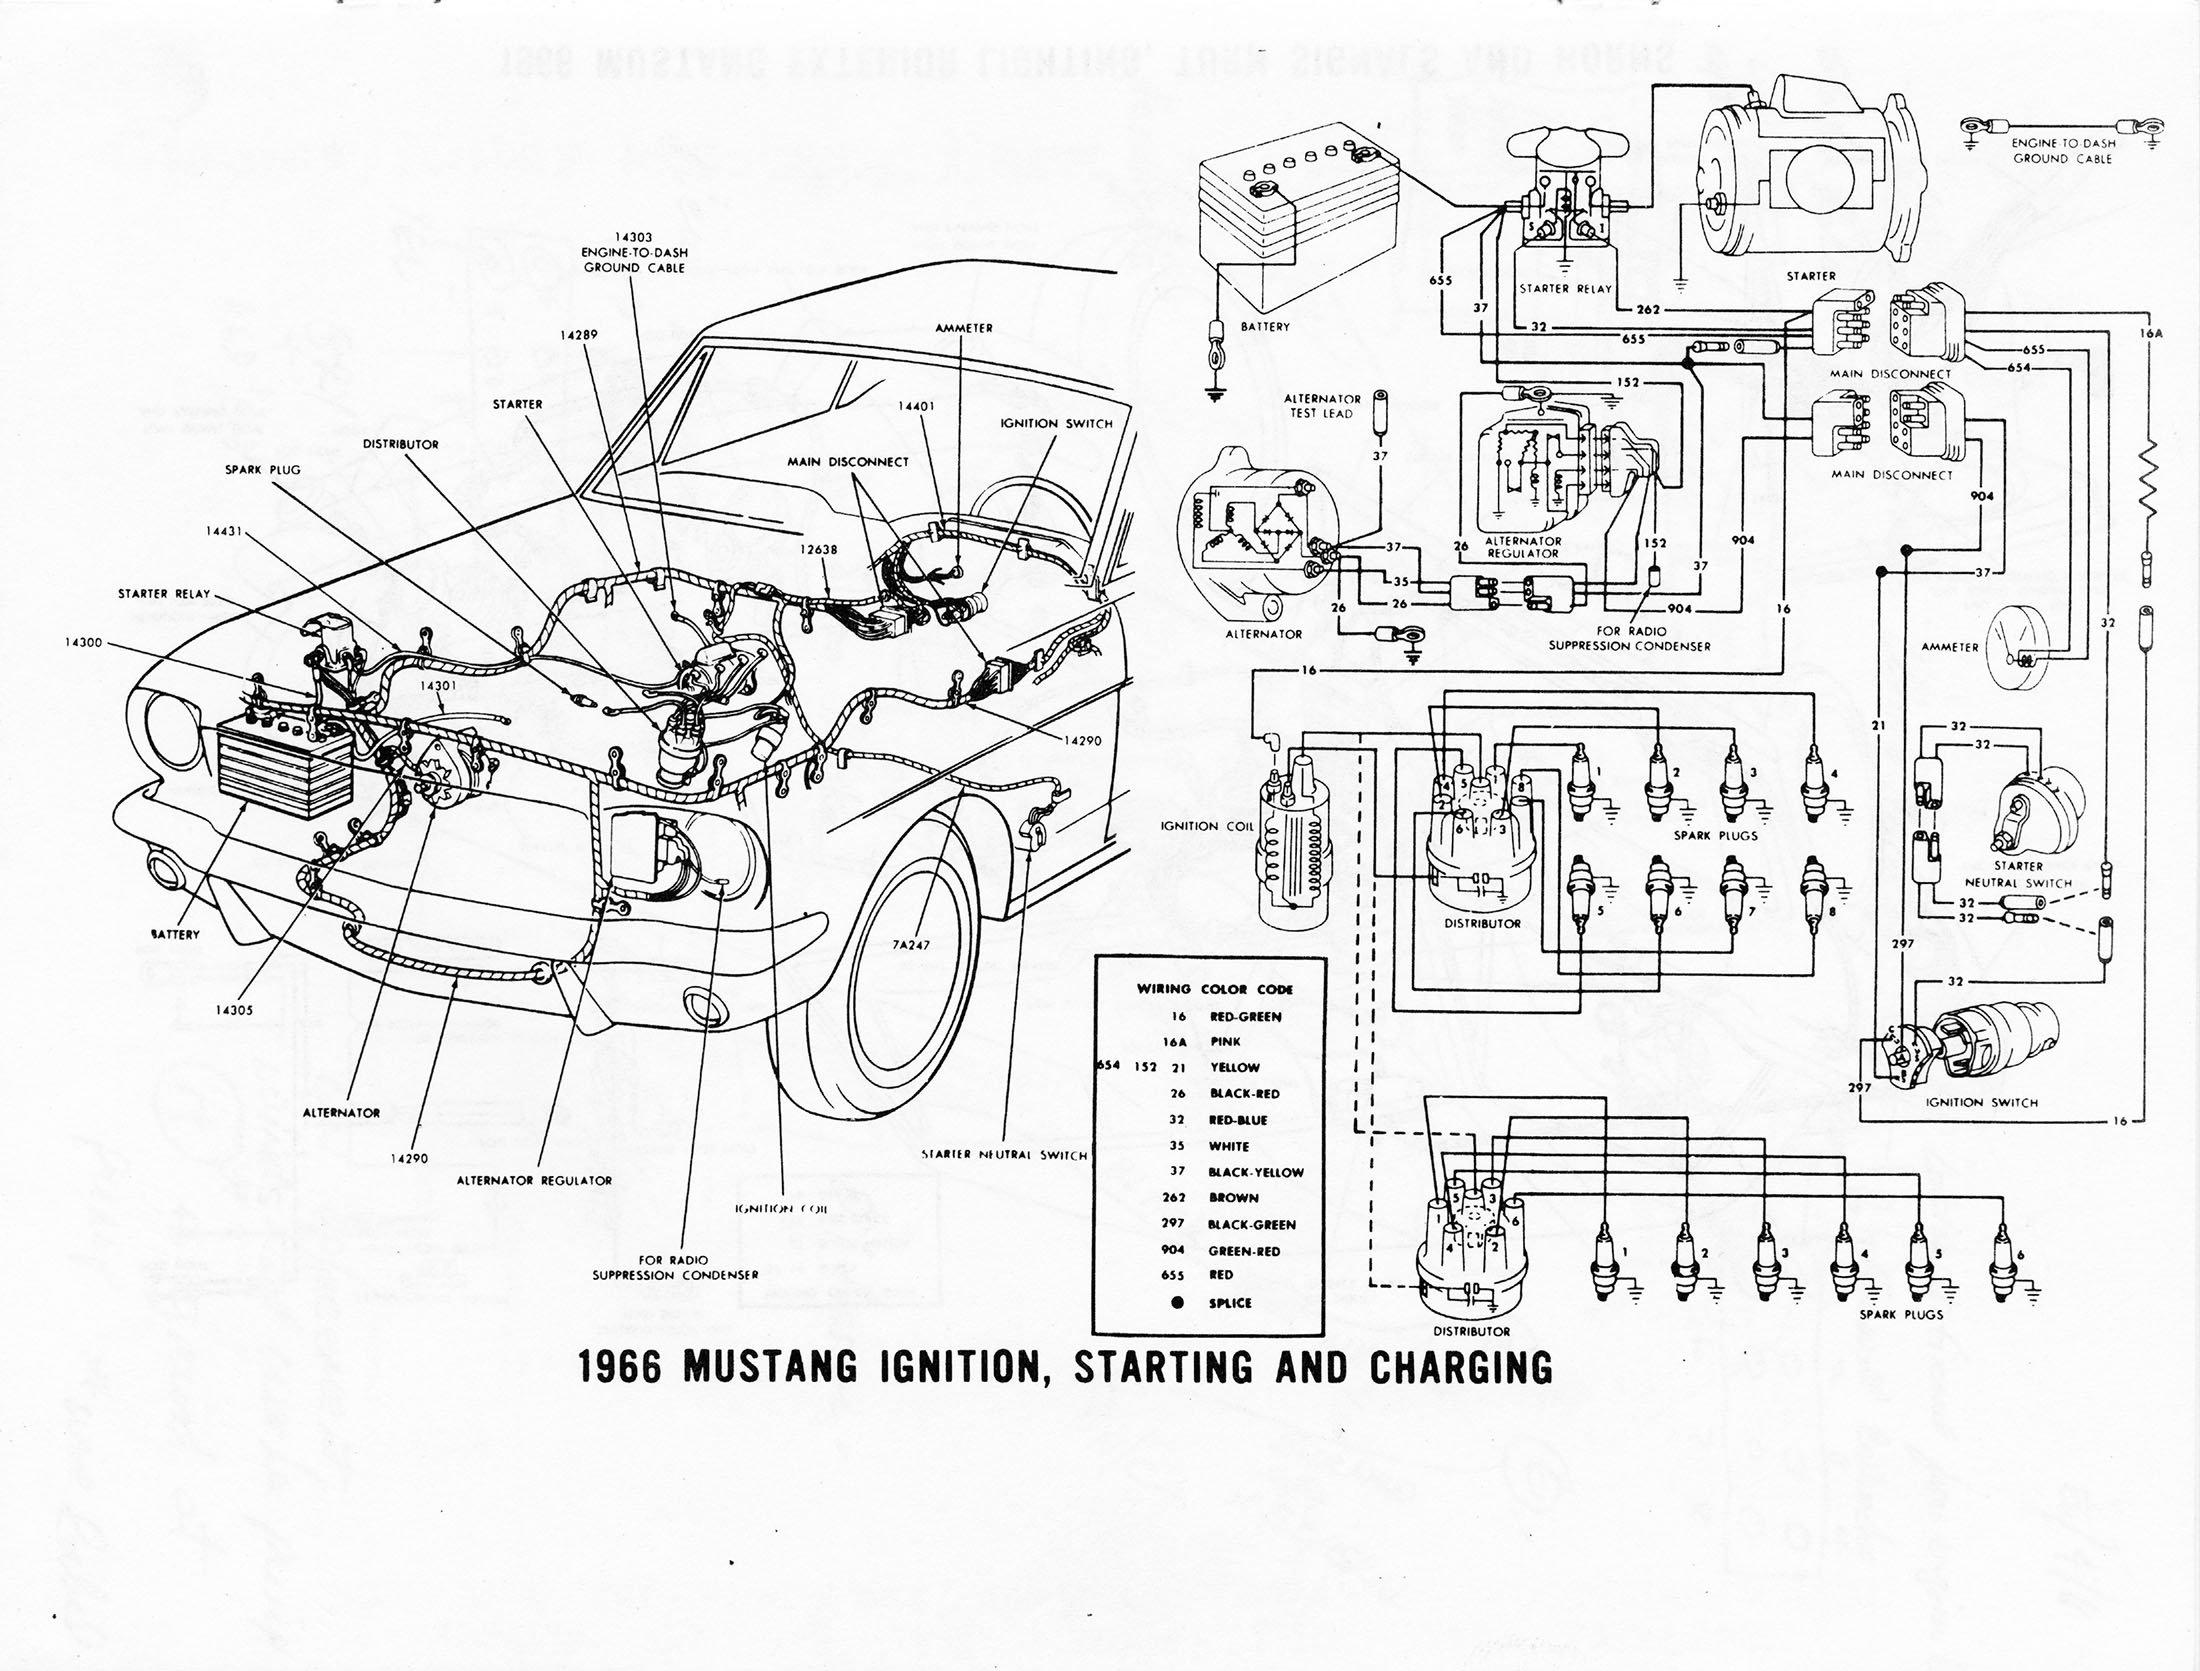 alternator ground issue